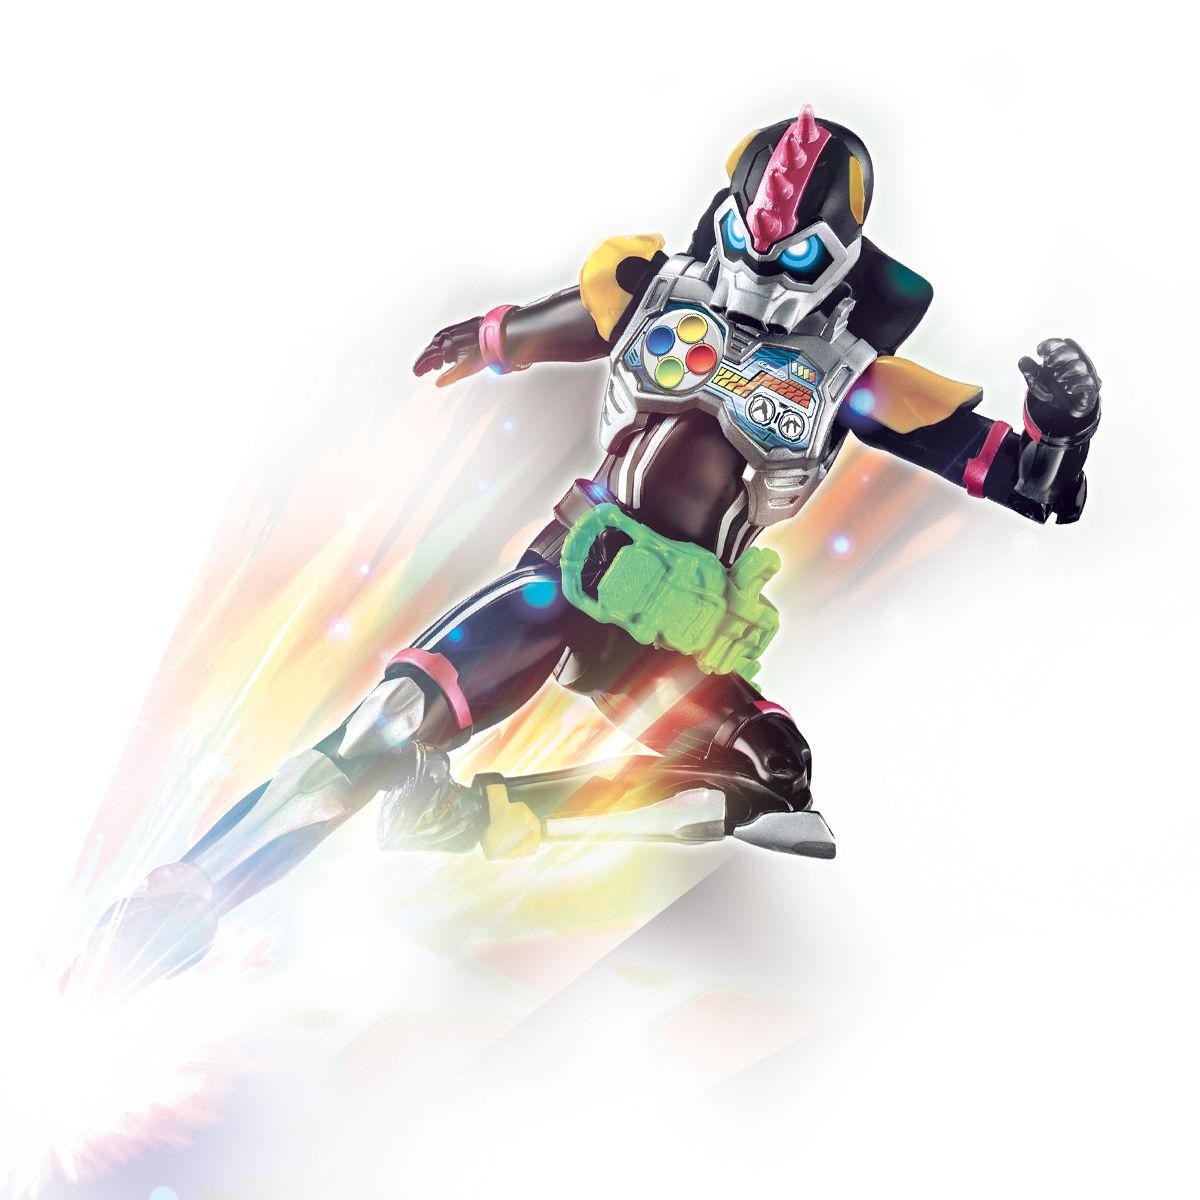 RKF レジェンドライダーシリーズ 仮面ライダーレーザーターボ バイクゲーマーレベル0